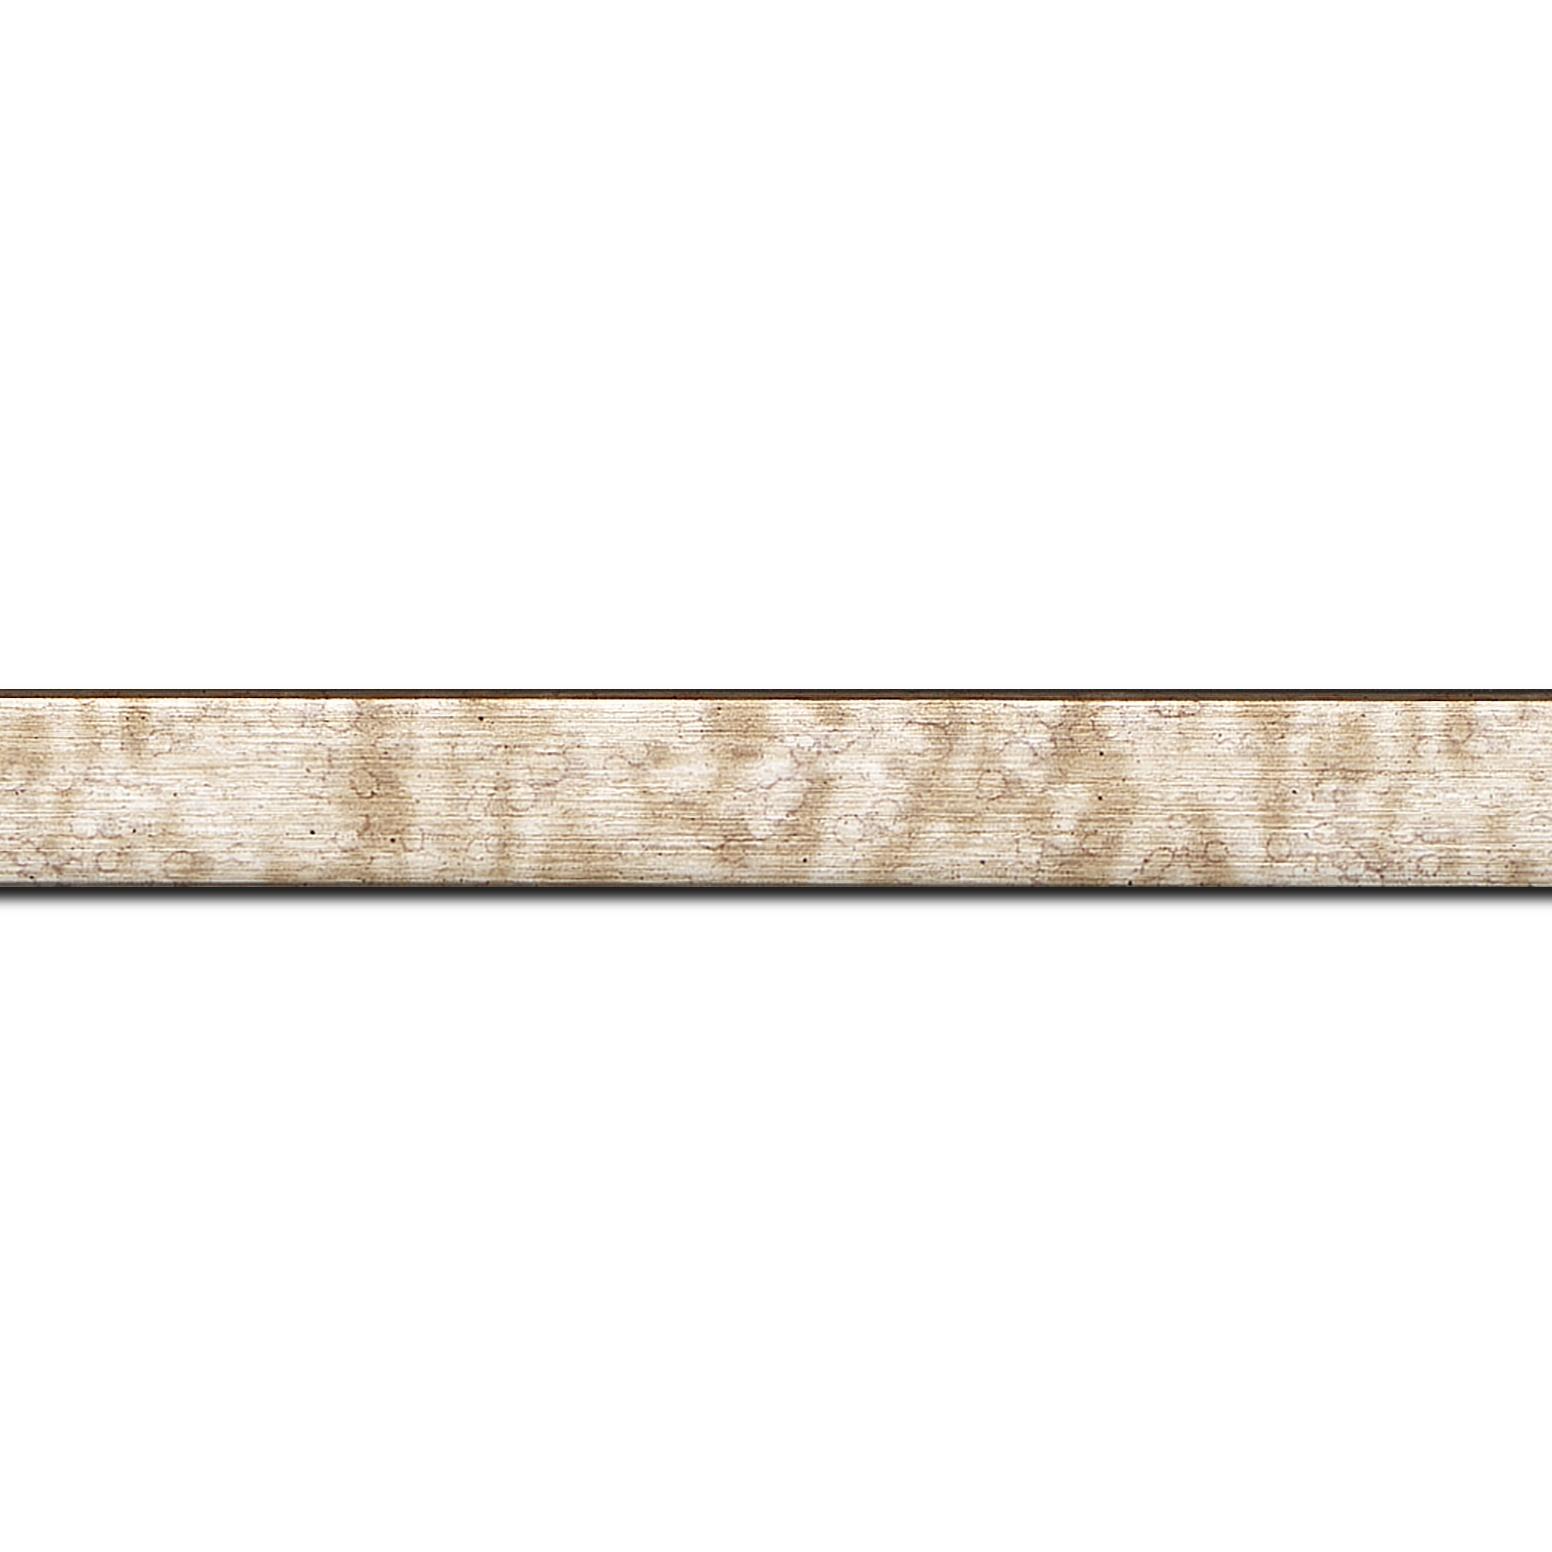 Pack par 12m, bois profil plat effet cube largeur 2cm couleur champagne  (longueur baguette pouvant varier entre 2.40m et 3m selon arrivage des bois)